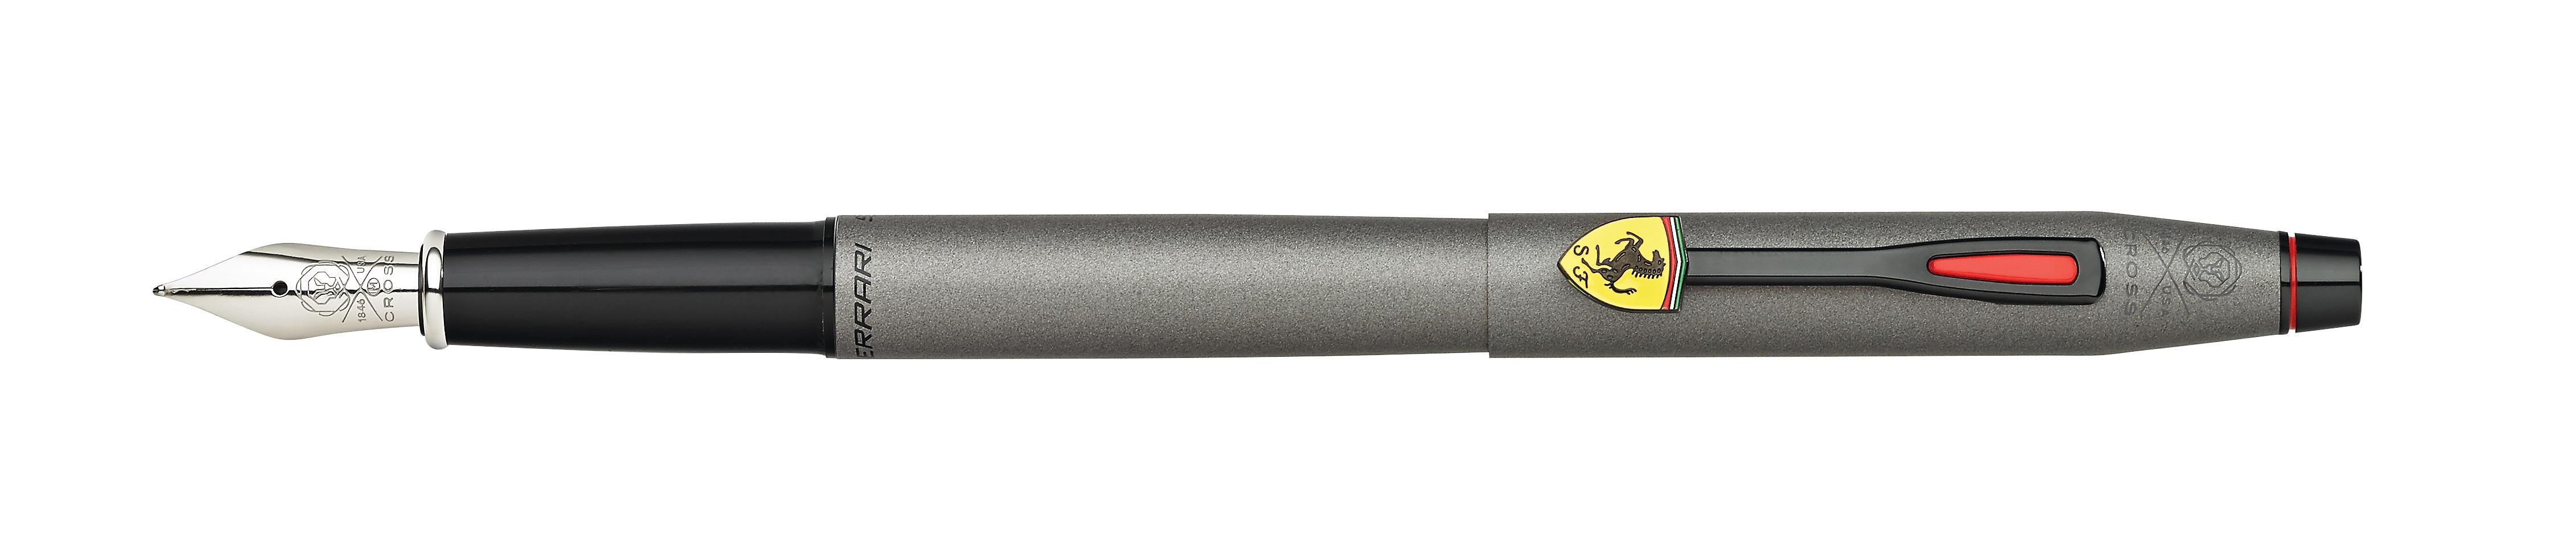 Cross Classic Century Collection for Scuderia Ferrari Titanium Gray Satin Lacquer Fountain Pen